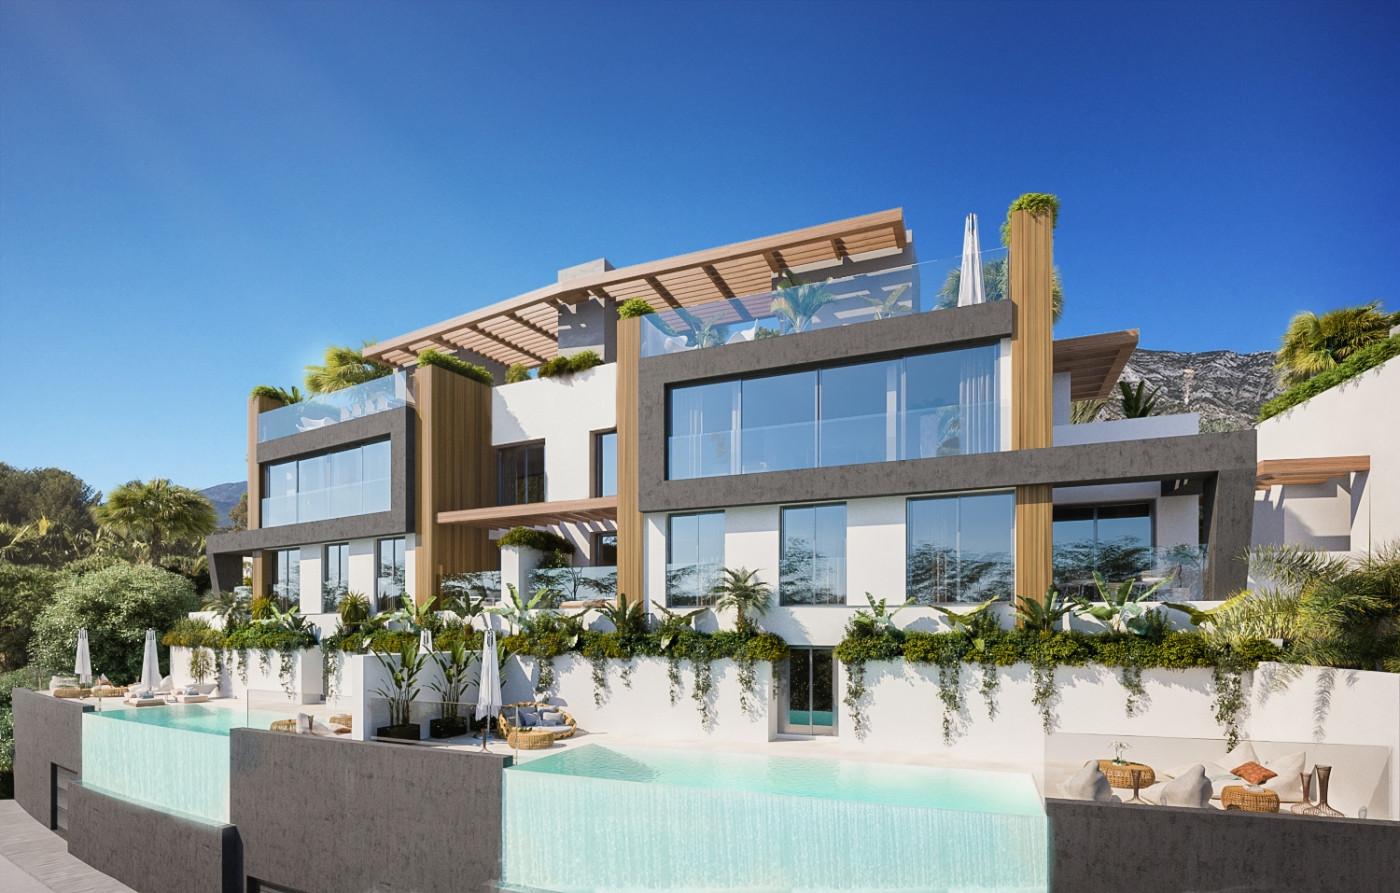 Luxury modern semidetached villas for sale in Benahavis